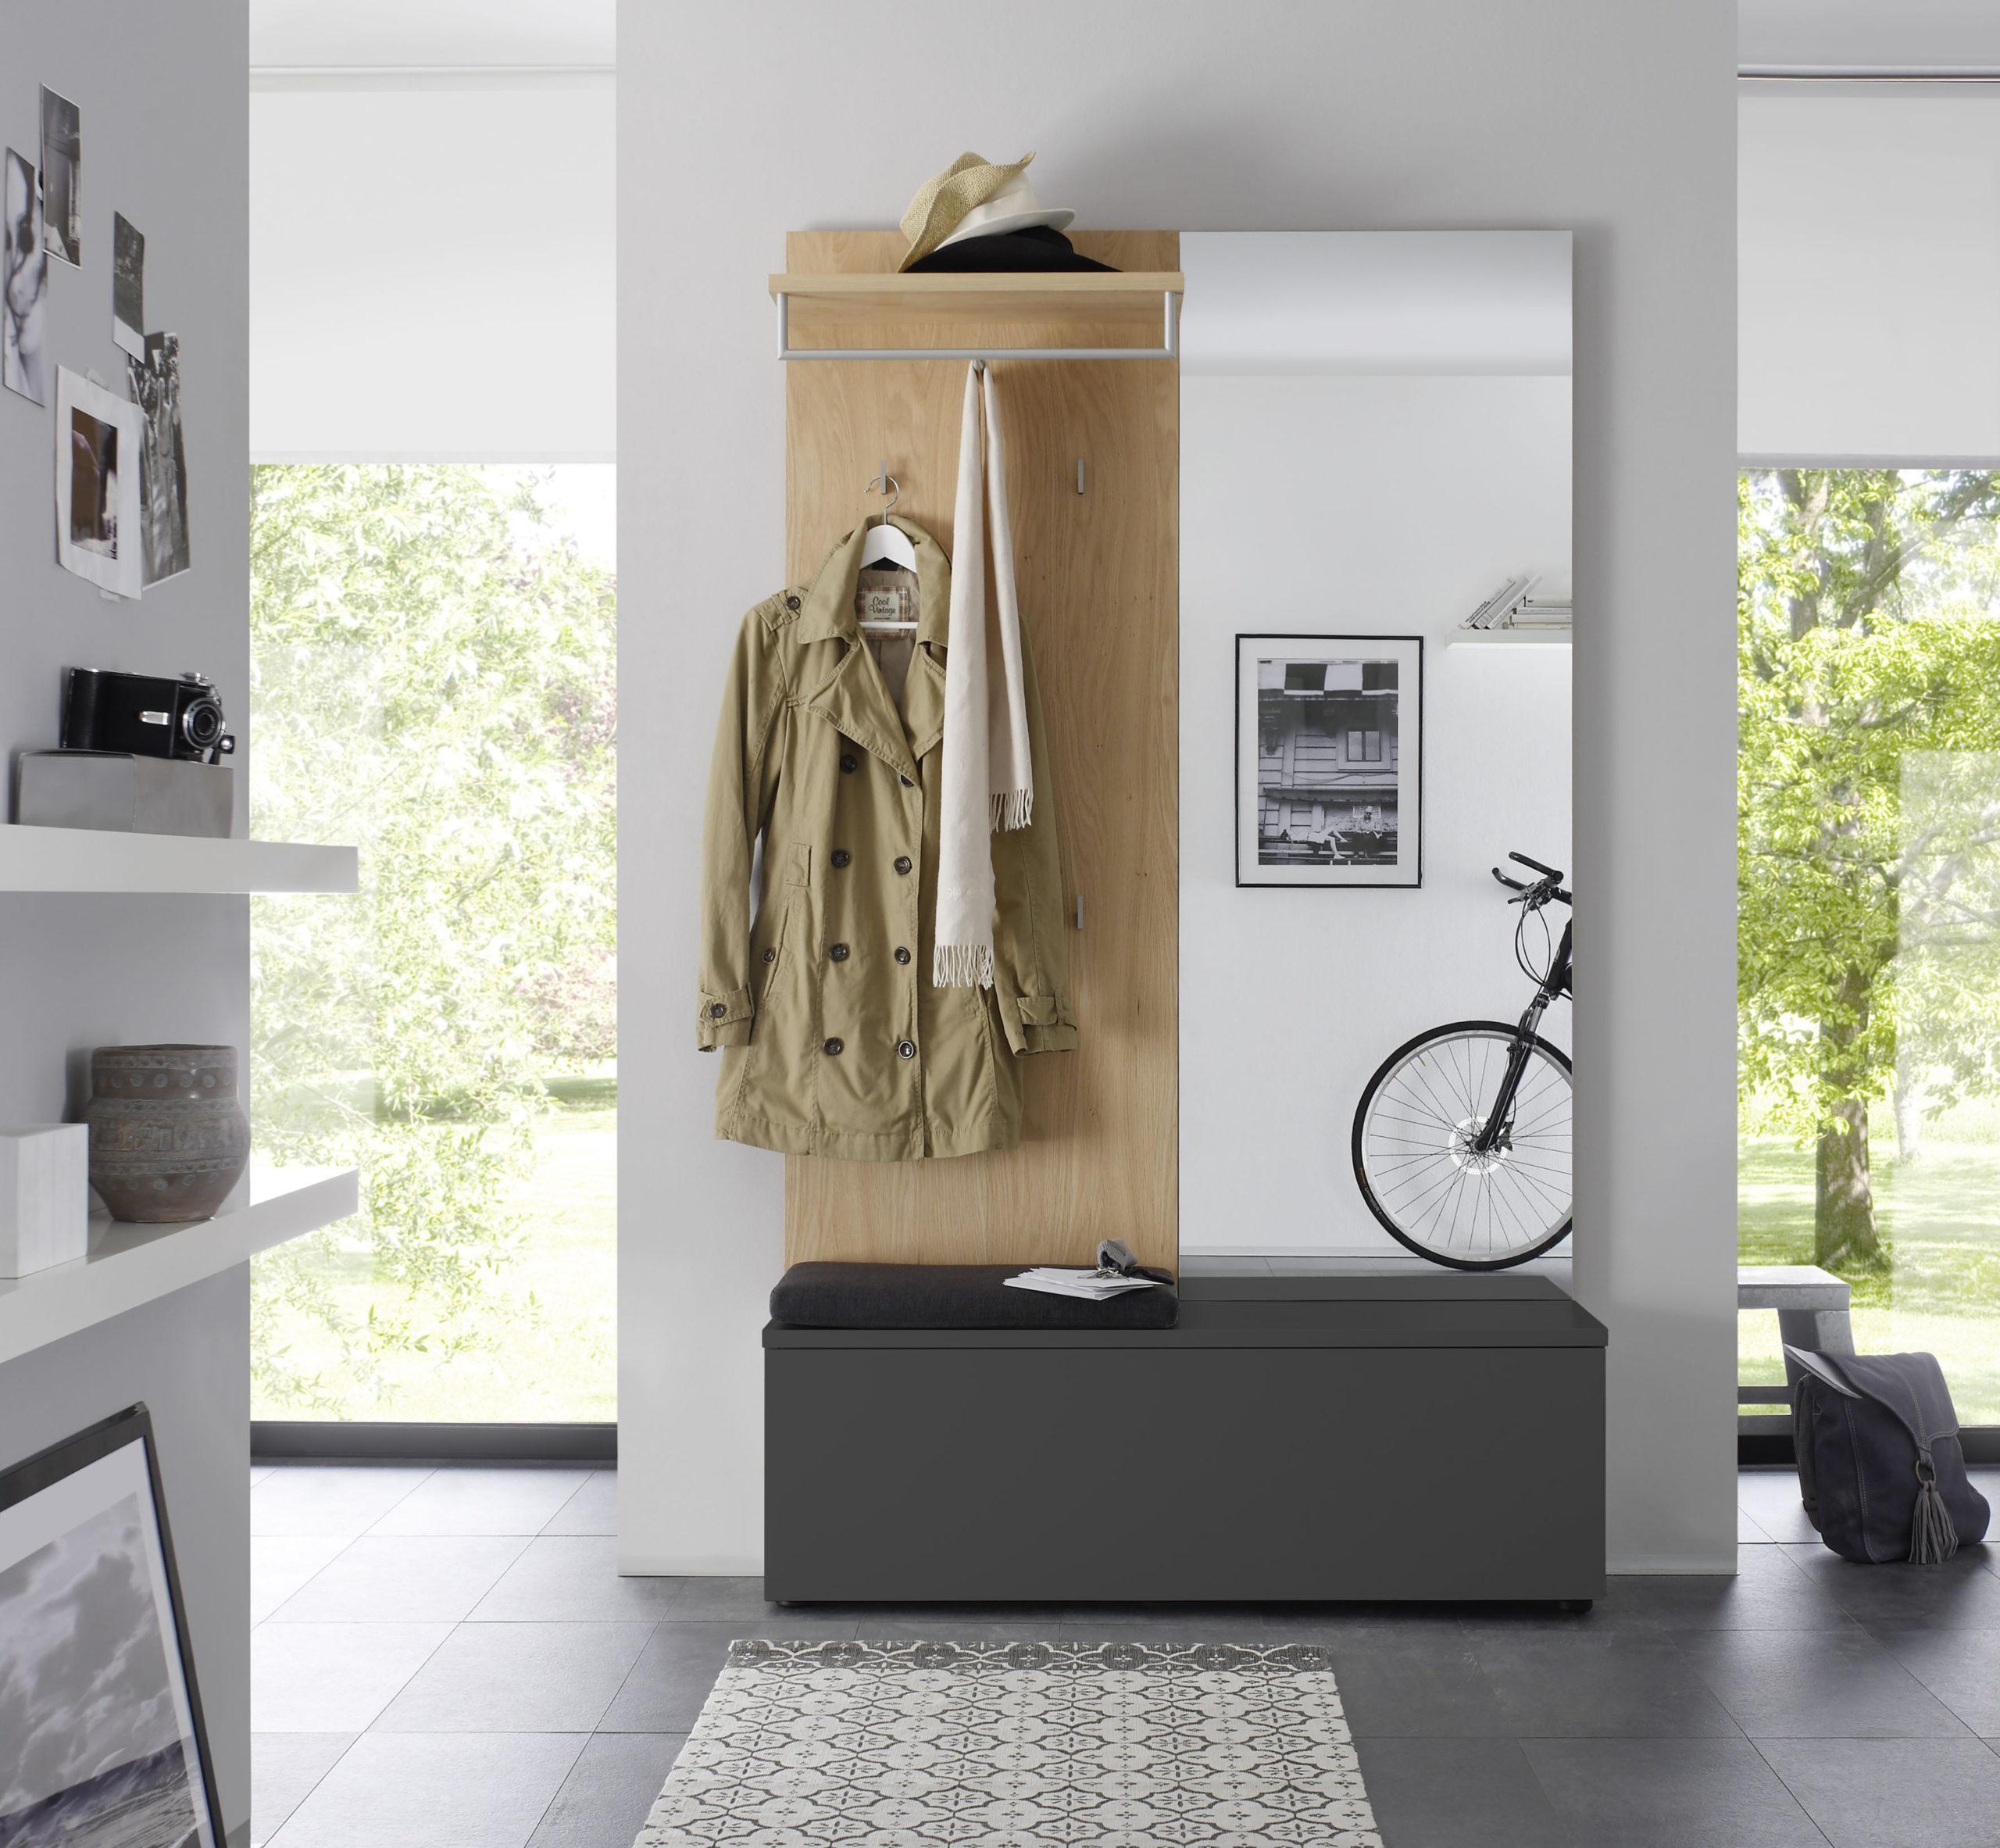 Sudbrock TANDO Garderobe in der Ausführung Ethno Eiche, Lack quarz #437